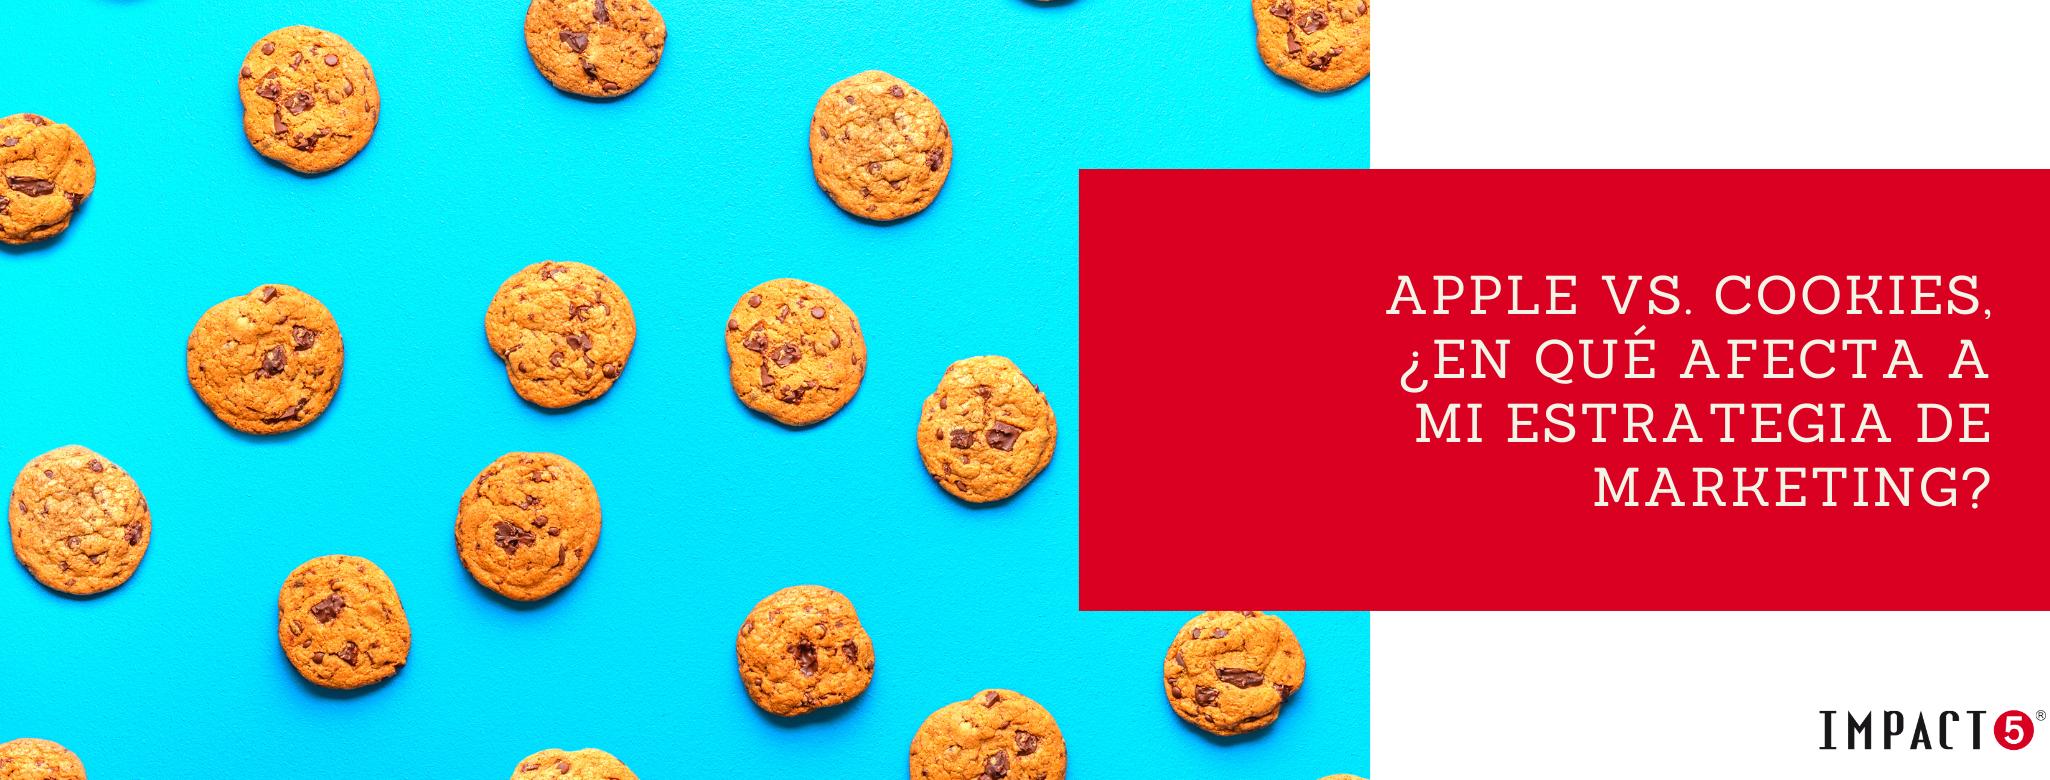 Apple-vs-cookies